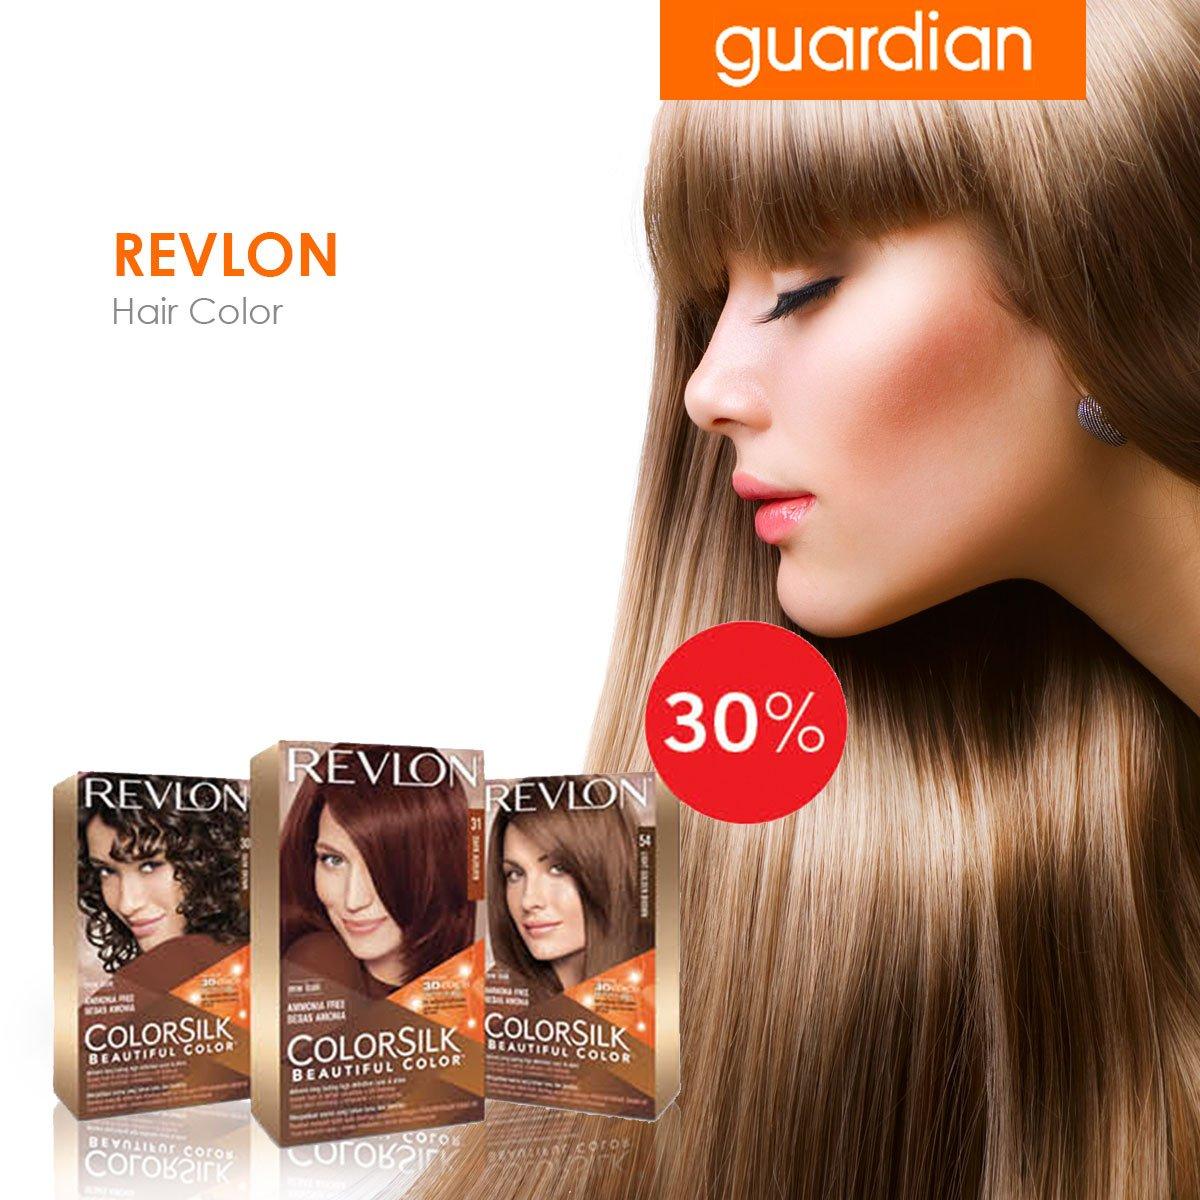 Dapatkan Diskon Untuk Revlon Hair Color Hingga Tanggal Juli Hanya Di Guardian Keguardianyuk Guardian Indonesia Scoopnest